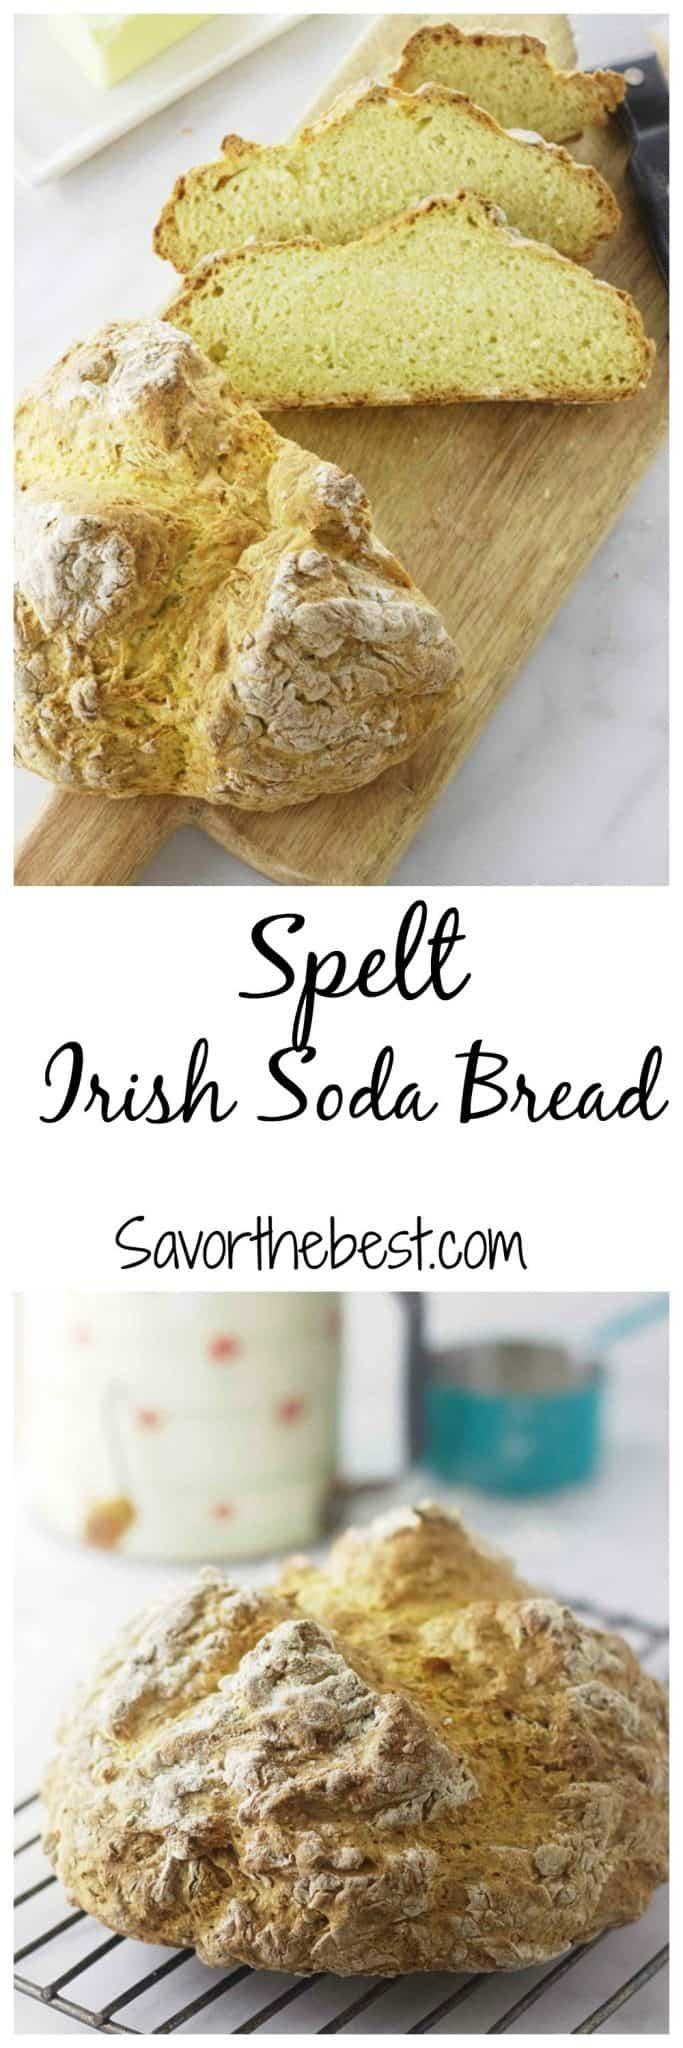 spelt irish soda bread